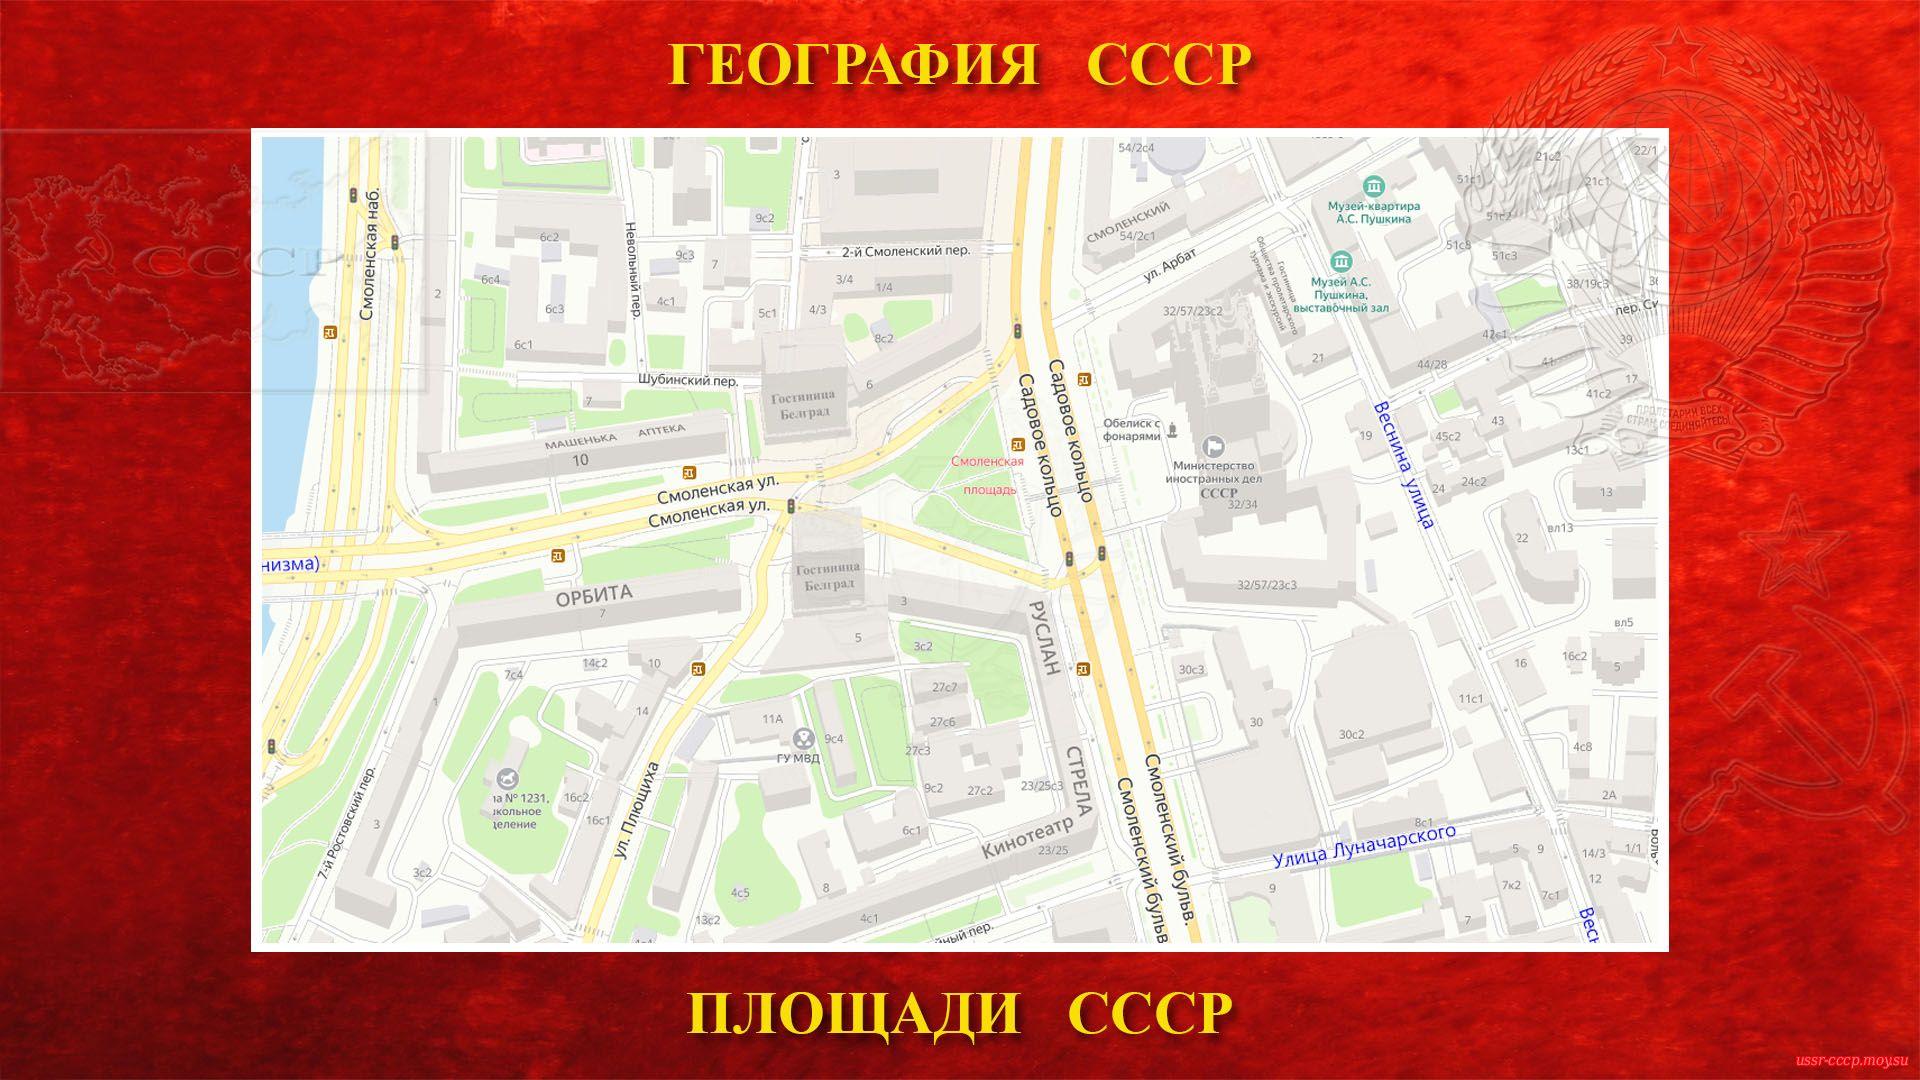 Смоленская площадь — Площадь в центре Москвы